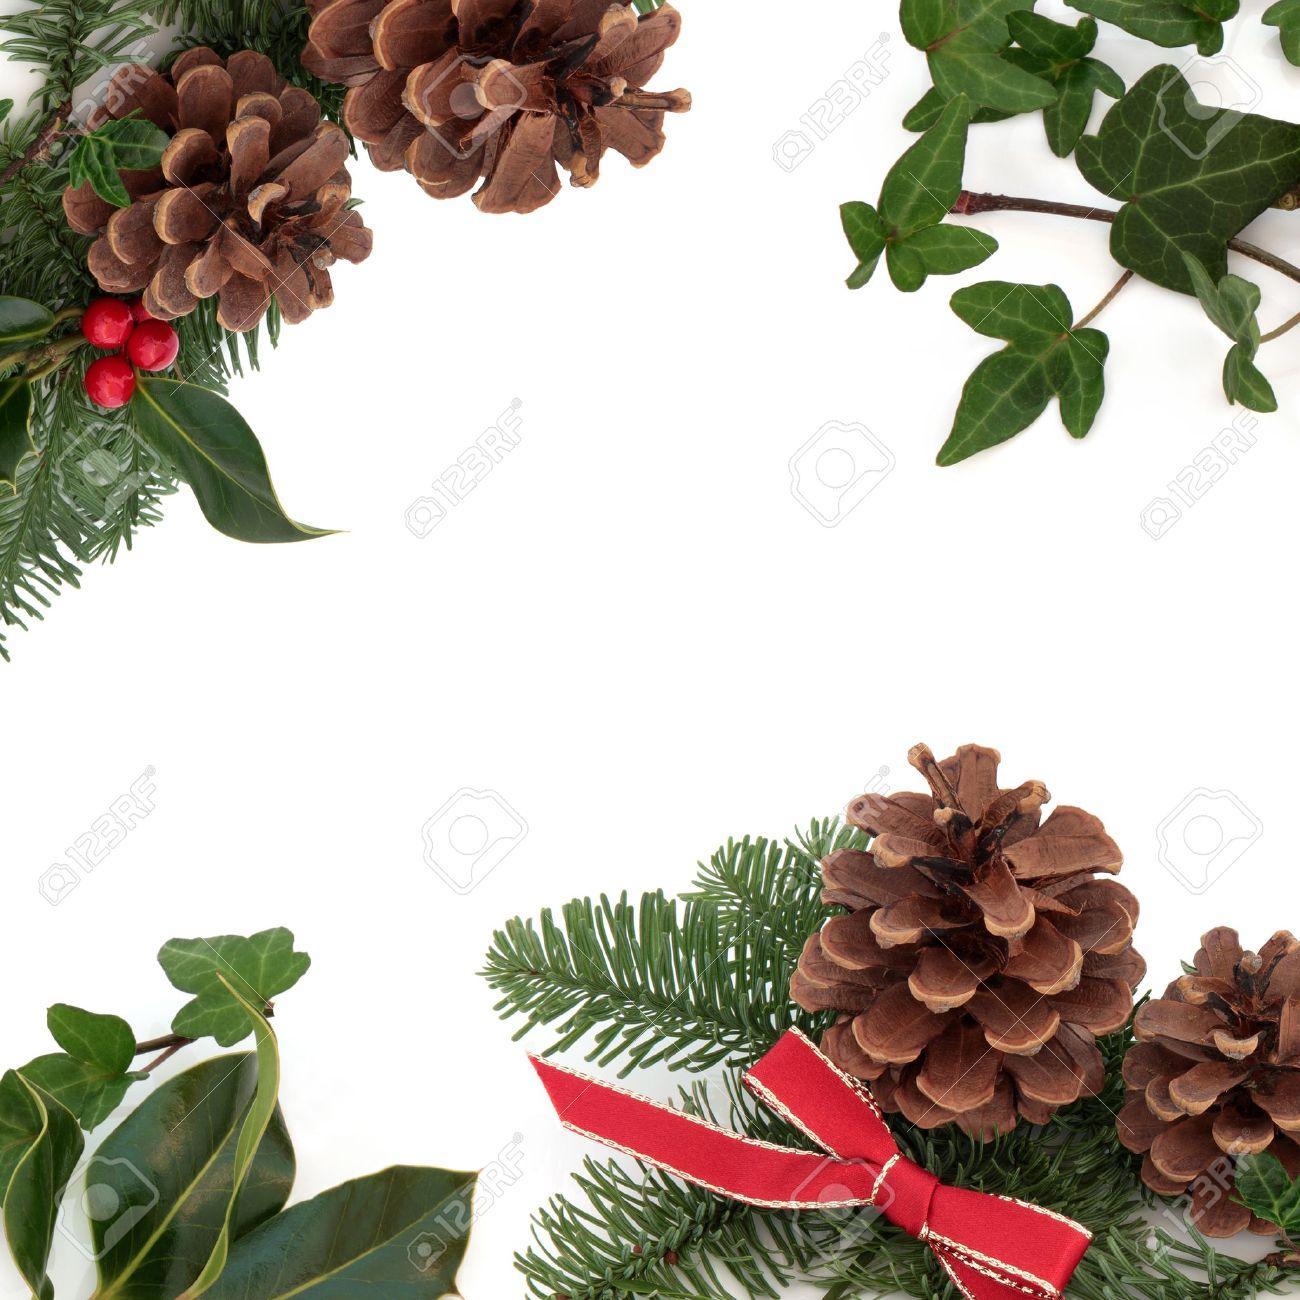 foto de archivo navidad decorativos frontera de acebo hiedra murdago pias de pino y abeto ramita de hojas de abeto con cinta roja aislada sobre fondo